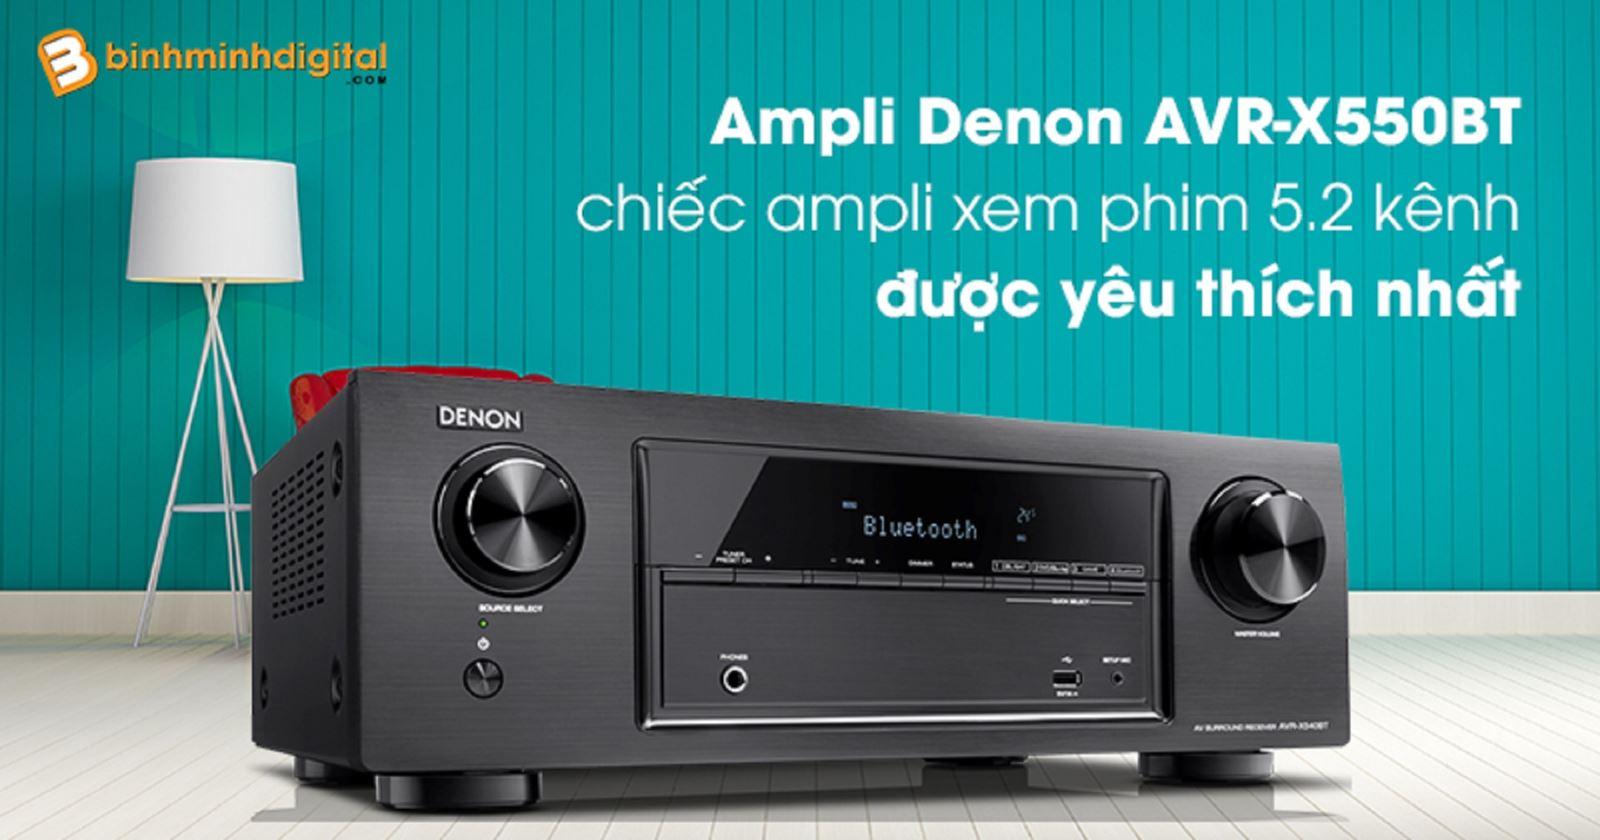 Ampli Denon AVR-X550BT - chiếc amplixem phim 5.2 kênh được yêu thích nhất